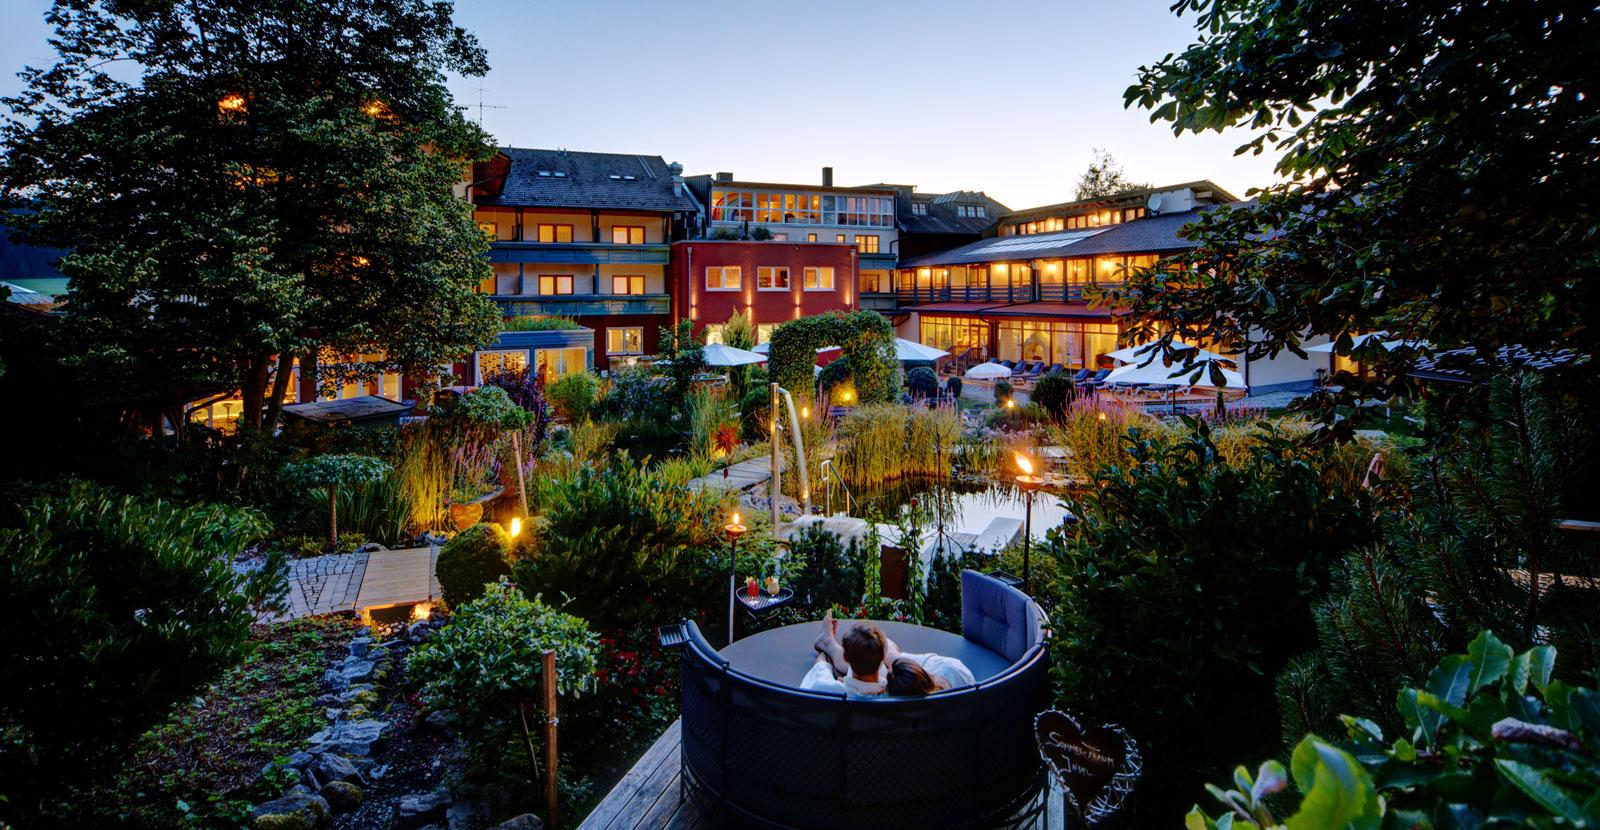 Hotel Kramerwirt in Geiersthal im Bayerischen Wald